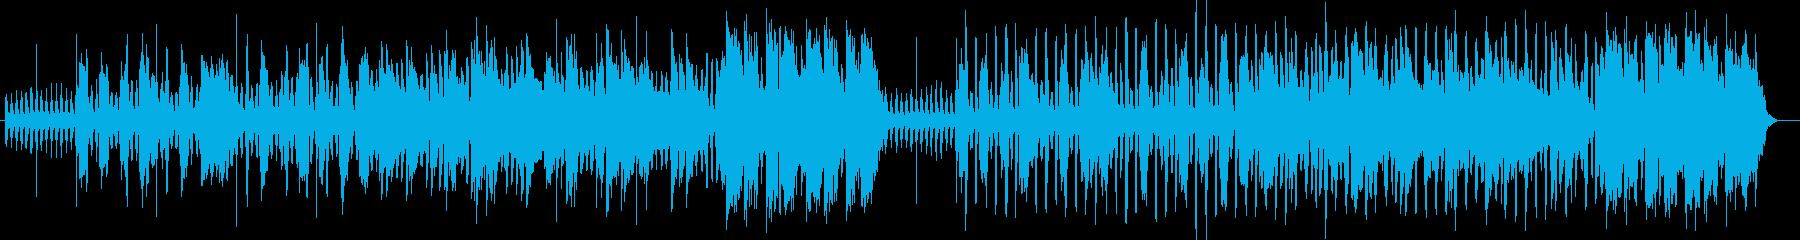 切なく優しいシンセサイザーサウンドの再生済みの波形